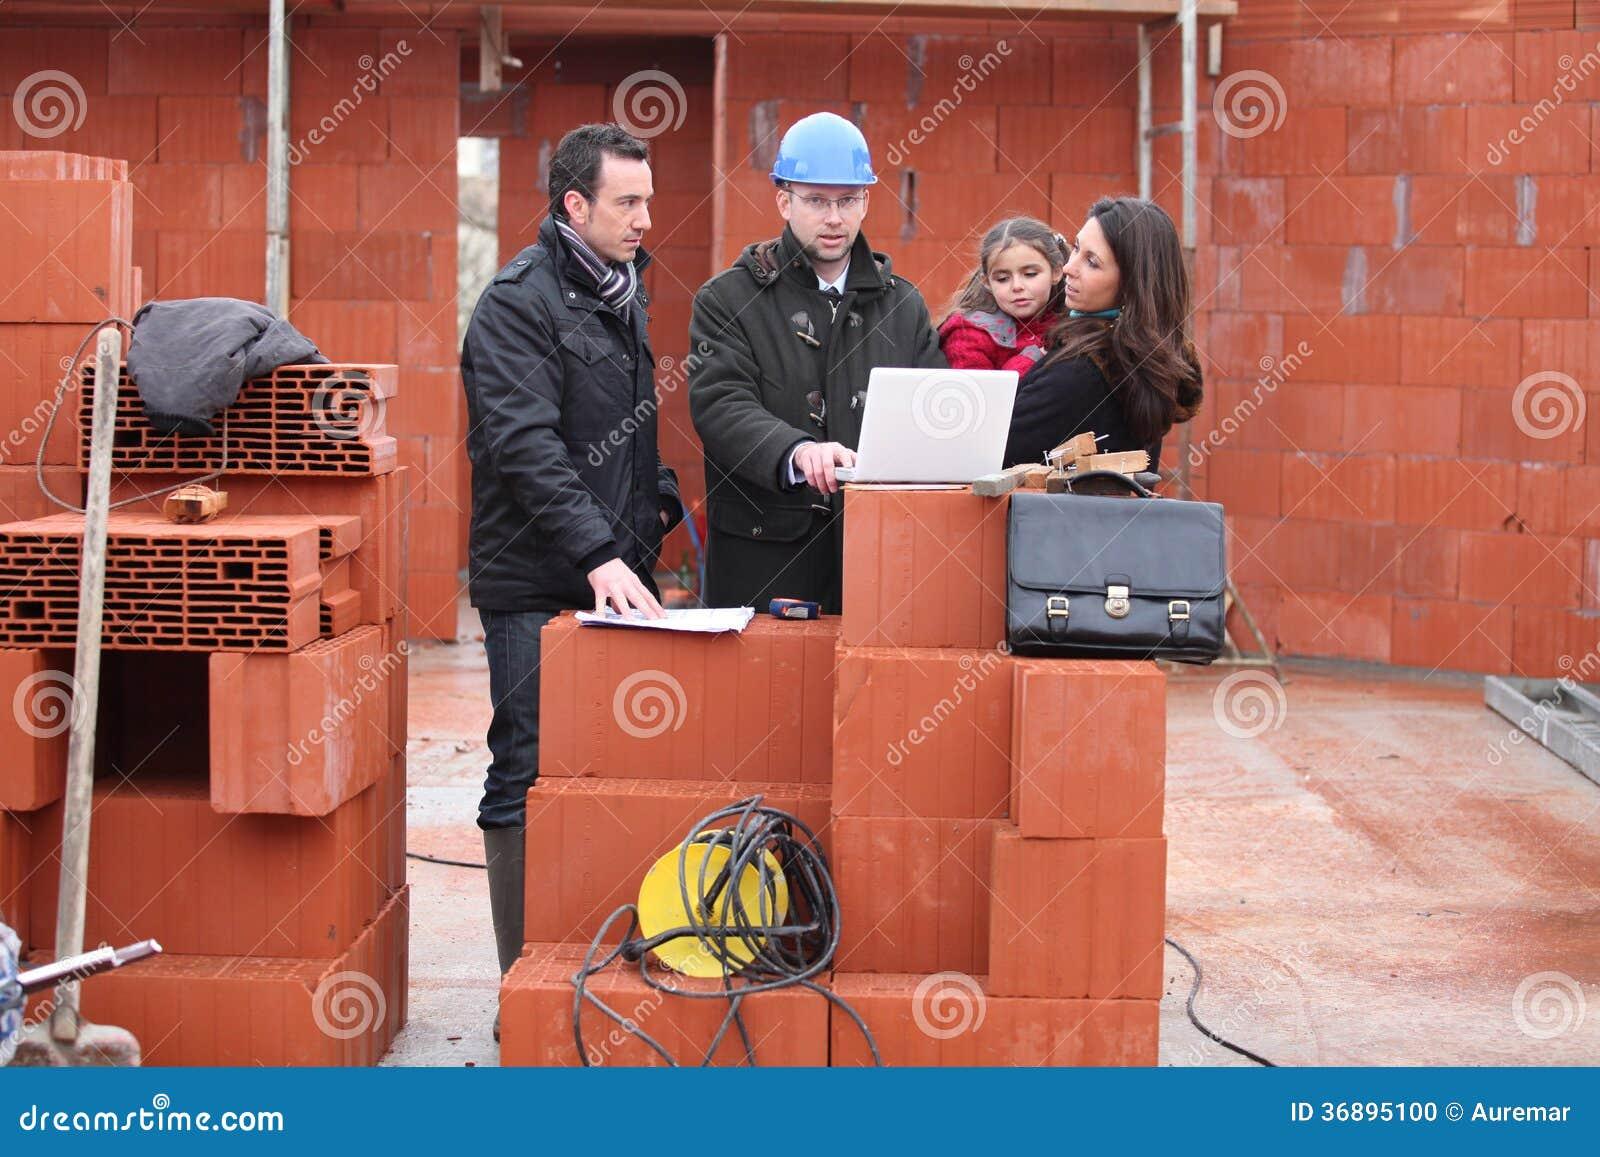 Download Incontrando Il Loro Architetto Fotografia Stock - Immagine di capace, architettura: 36895100